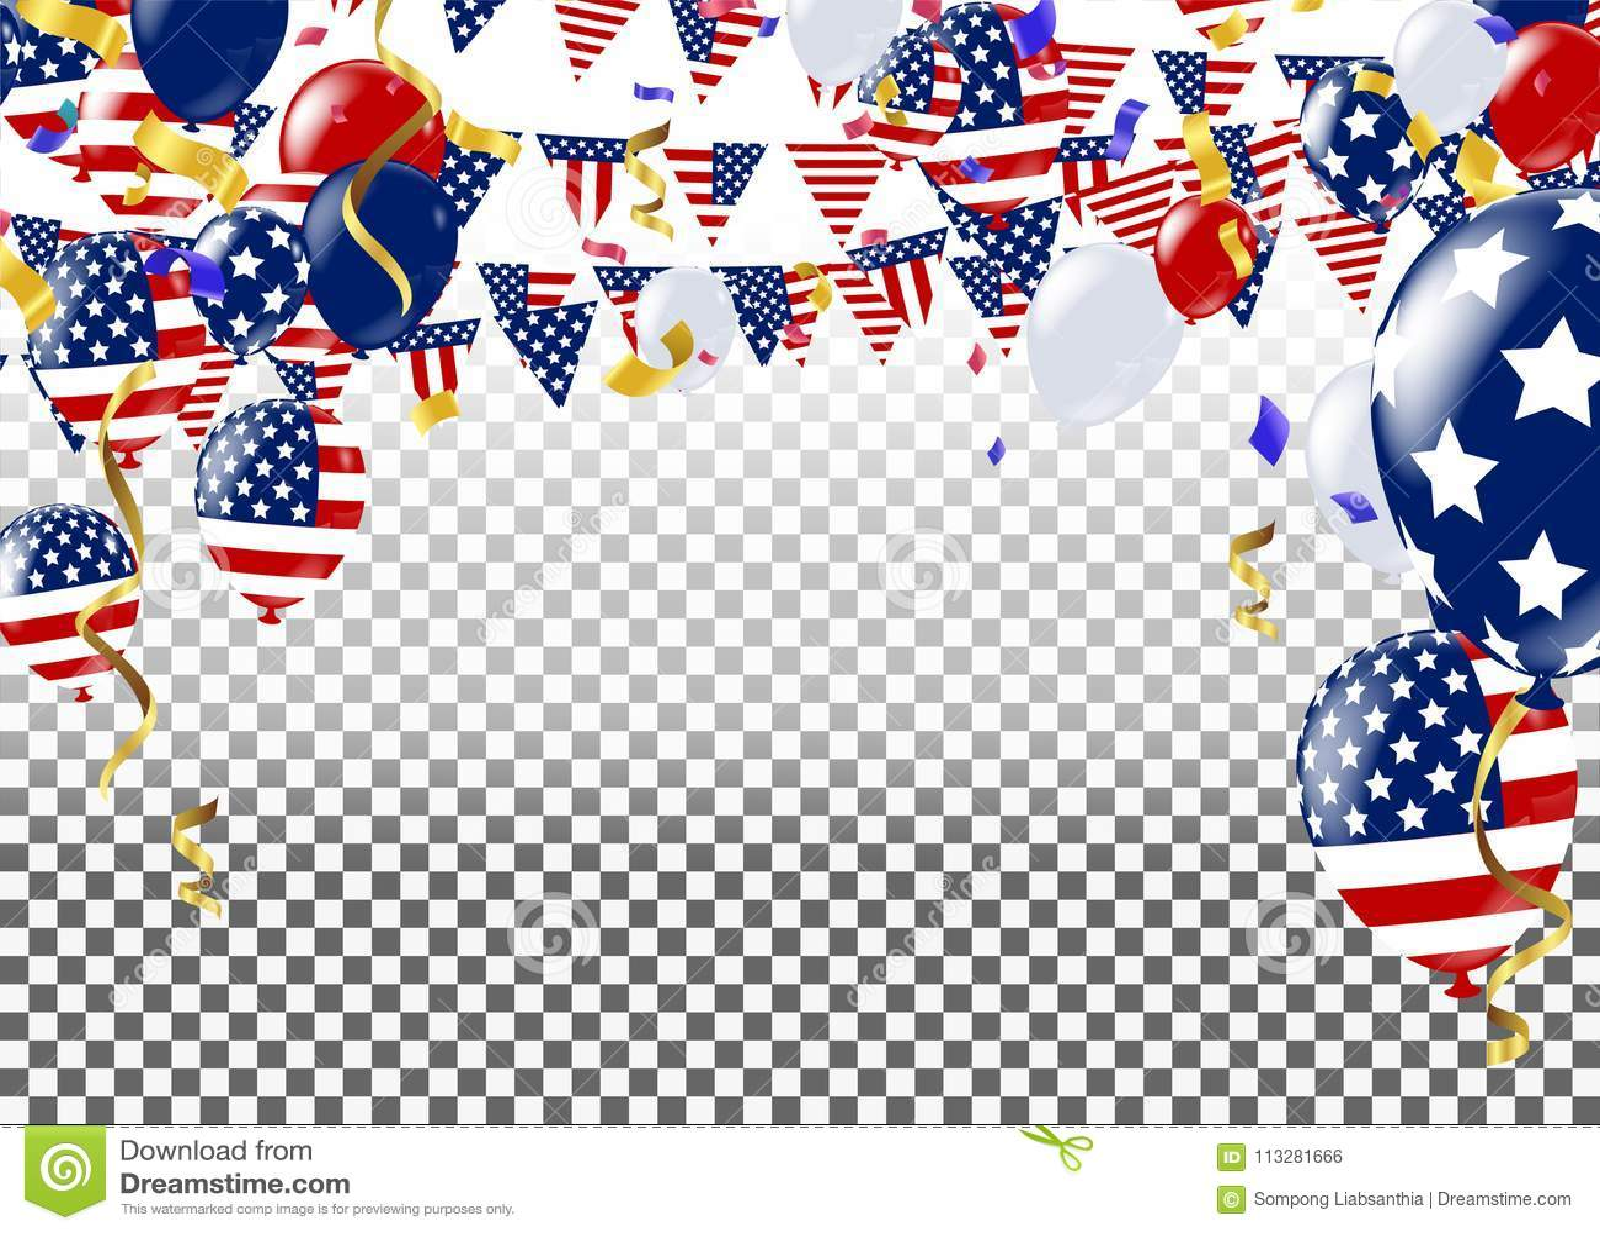 Cuarto de julio 4to de la bandera del día de fiesta de julio Día de la Independencia de los E